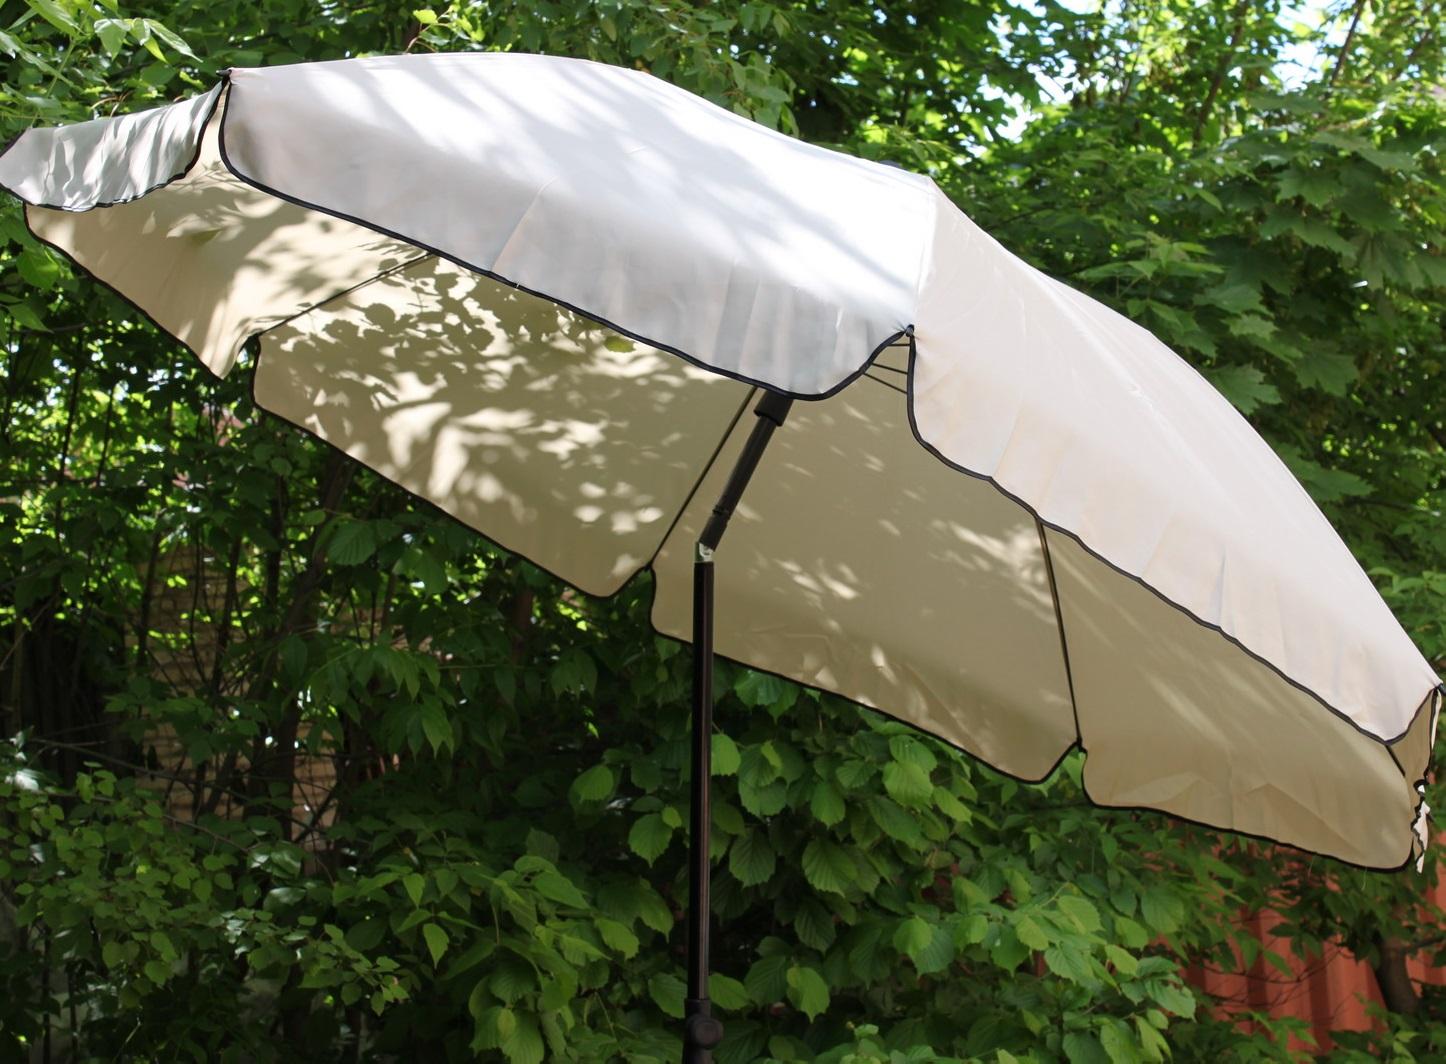 Зонт от солнца 1192, Тенты - арт. 809780224